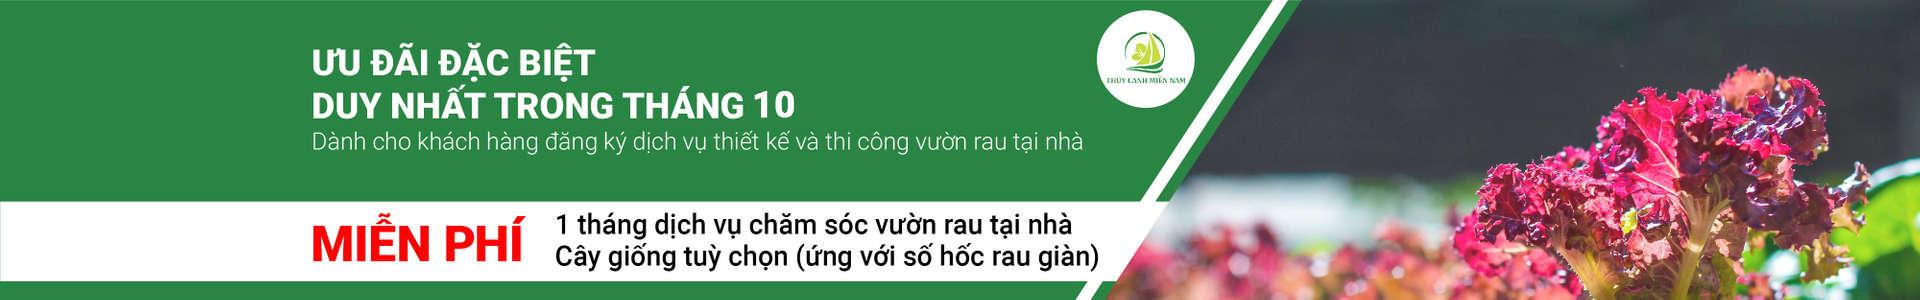 uu-dai-thang-10-danh-cho-khach-hang-thi-cong-tron-goi-vuon-rau-tai-nha